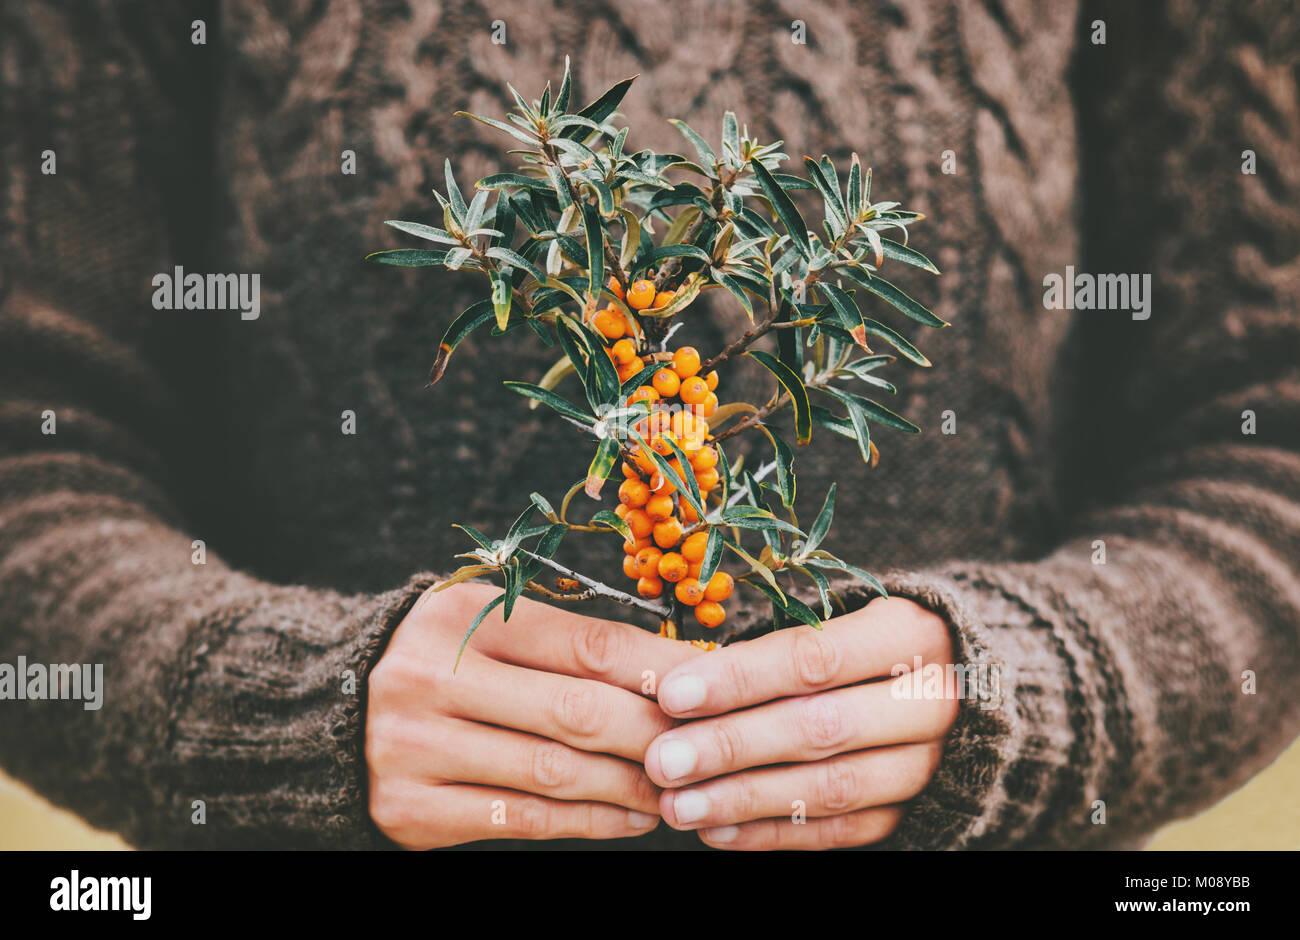 Mujer manos sosteniendo las bayas de espino cerval de mar alimentos orgánicos frescos vegetales saludables Imagen De Stock